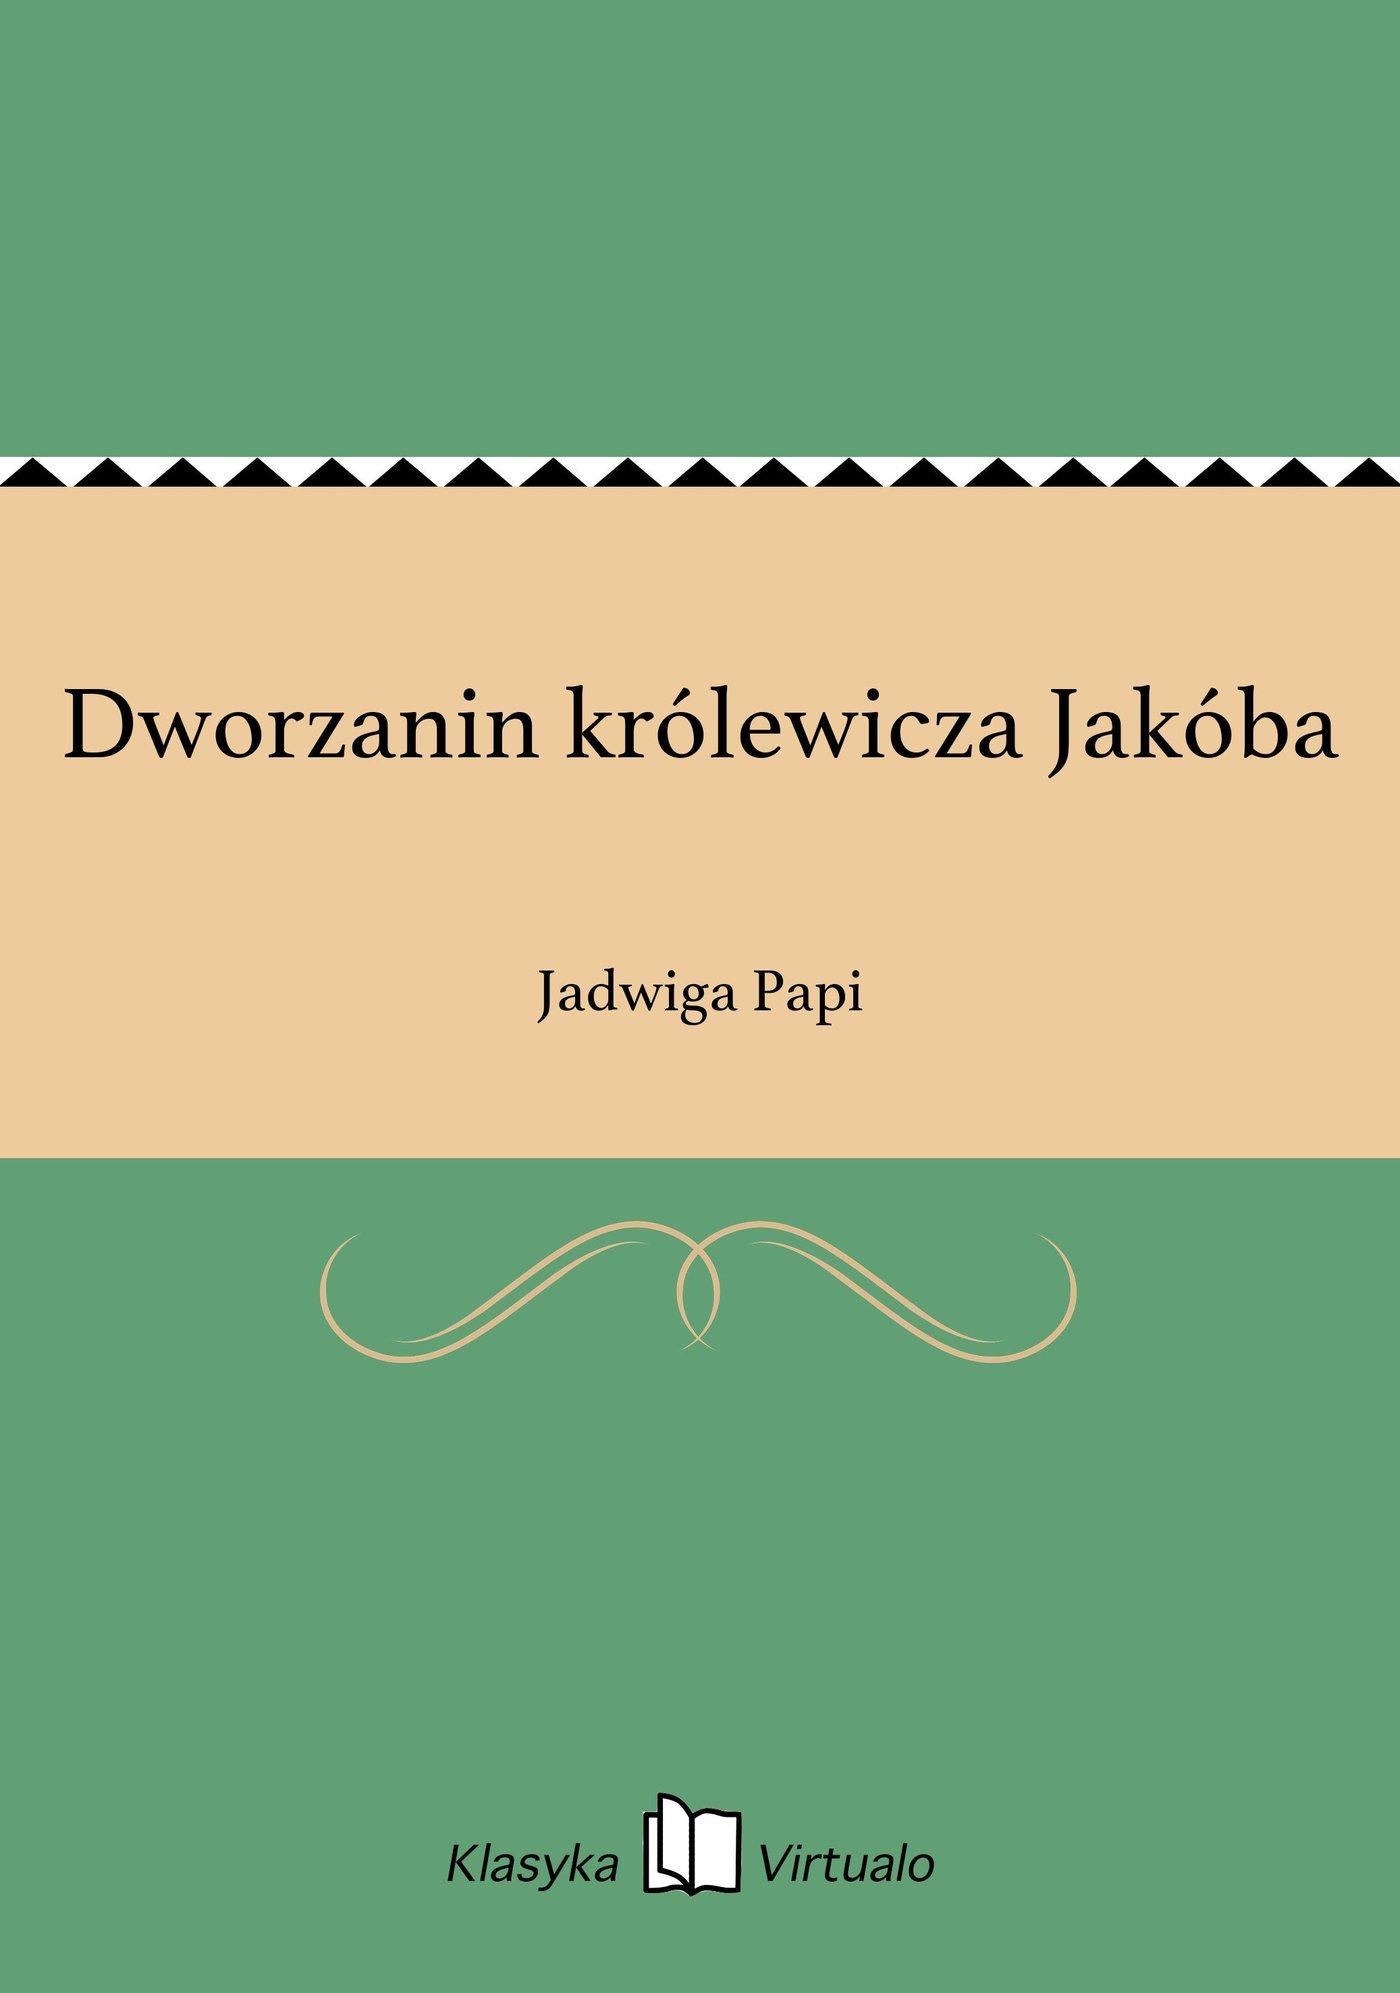 Dworzanin królewicza Jakóba - Ebook (Książka EPUB) do pobrania w formacie EPUB